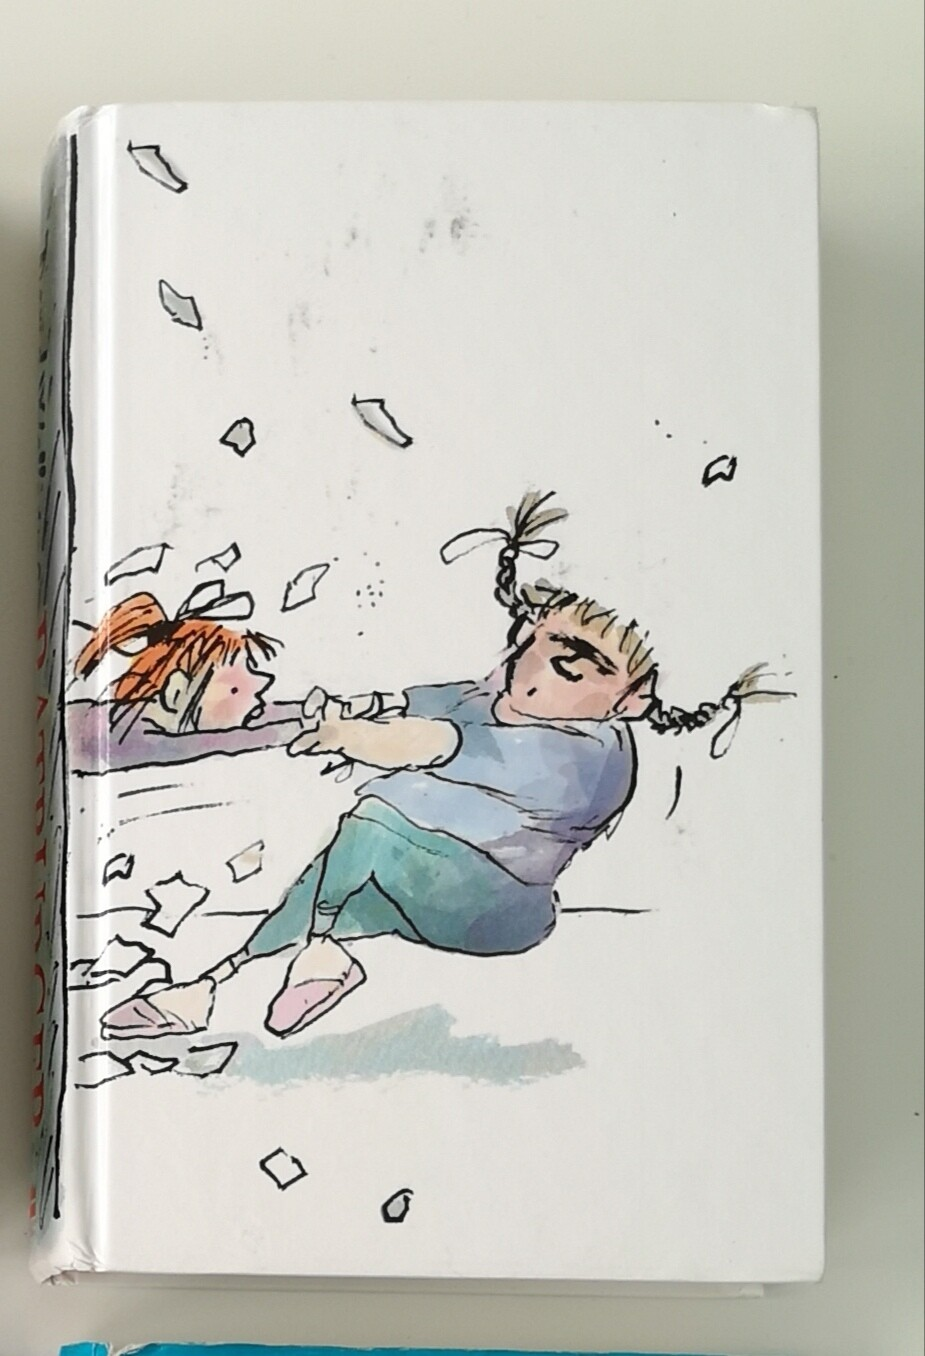 Ratburger David Walliams Notebook